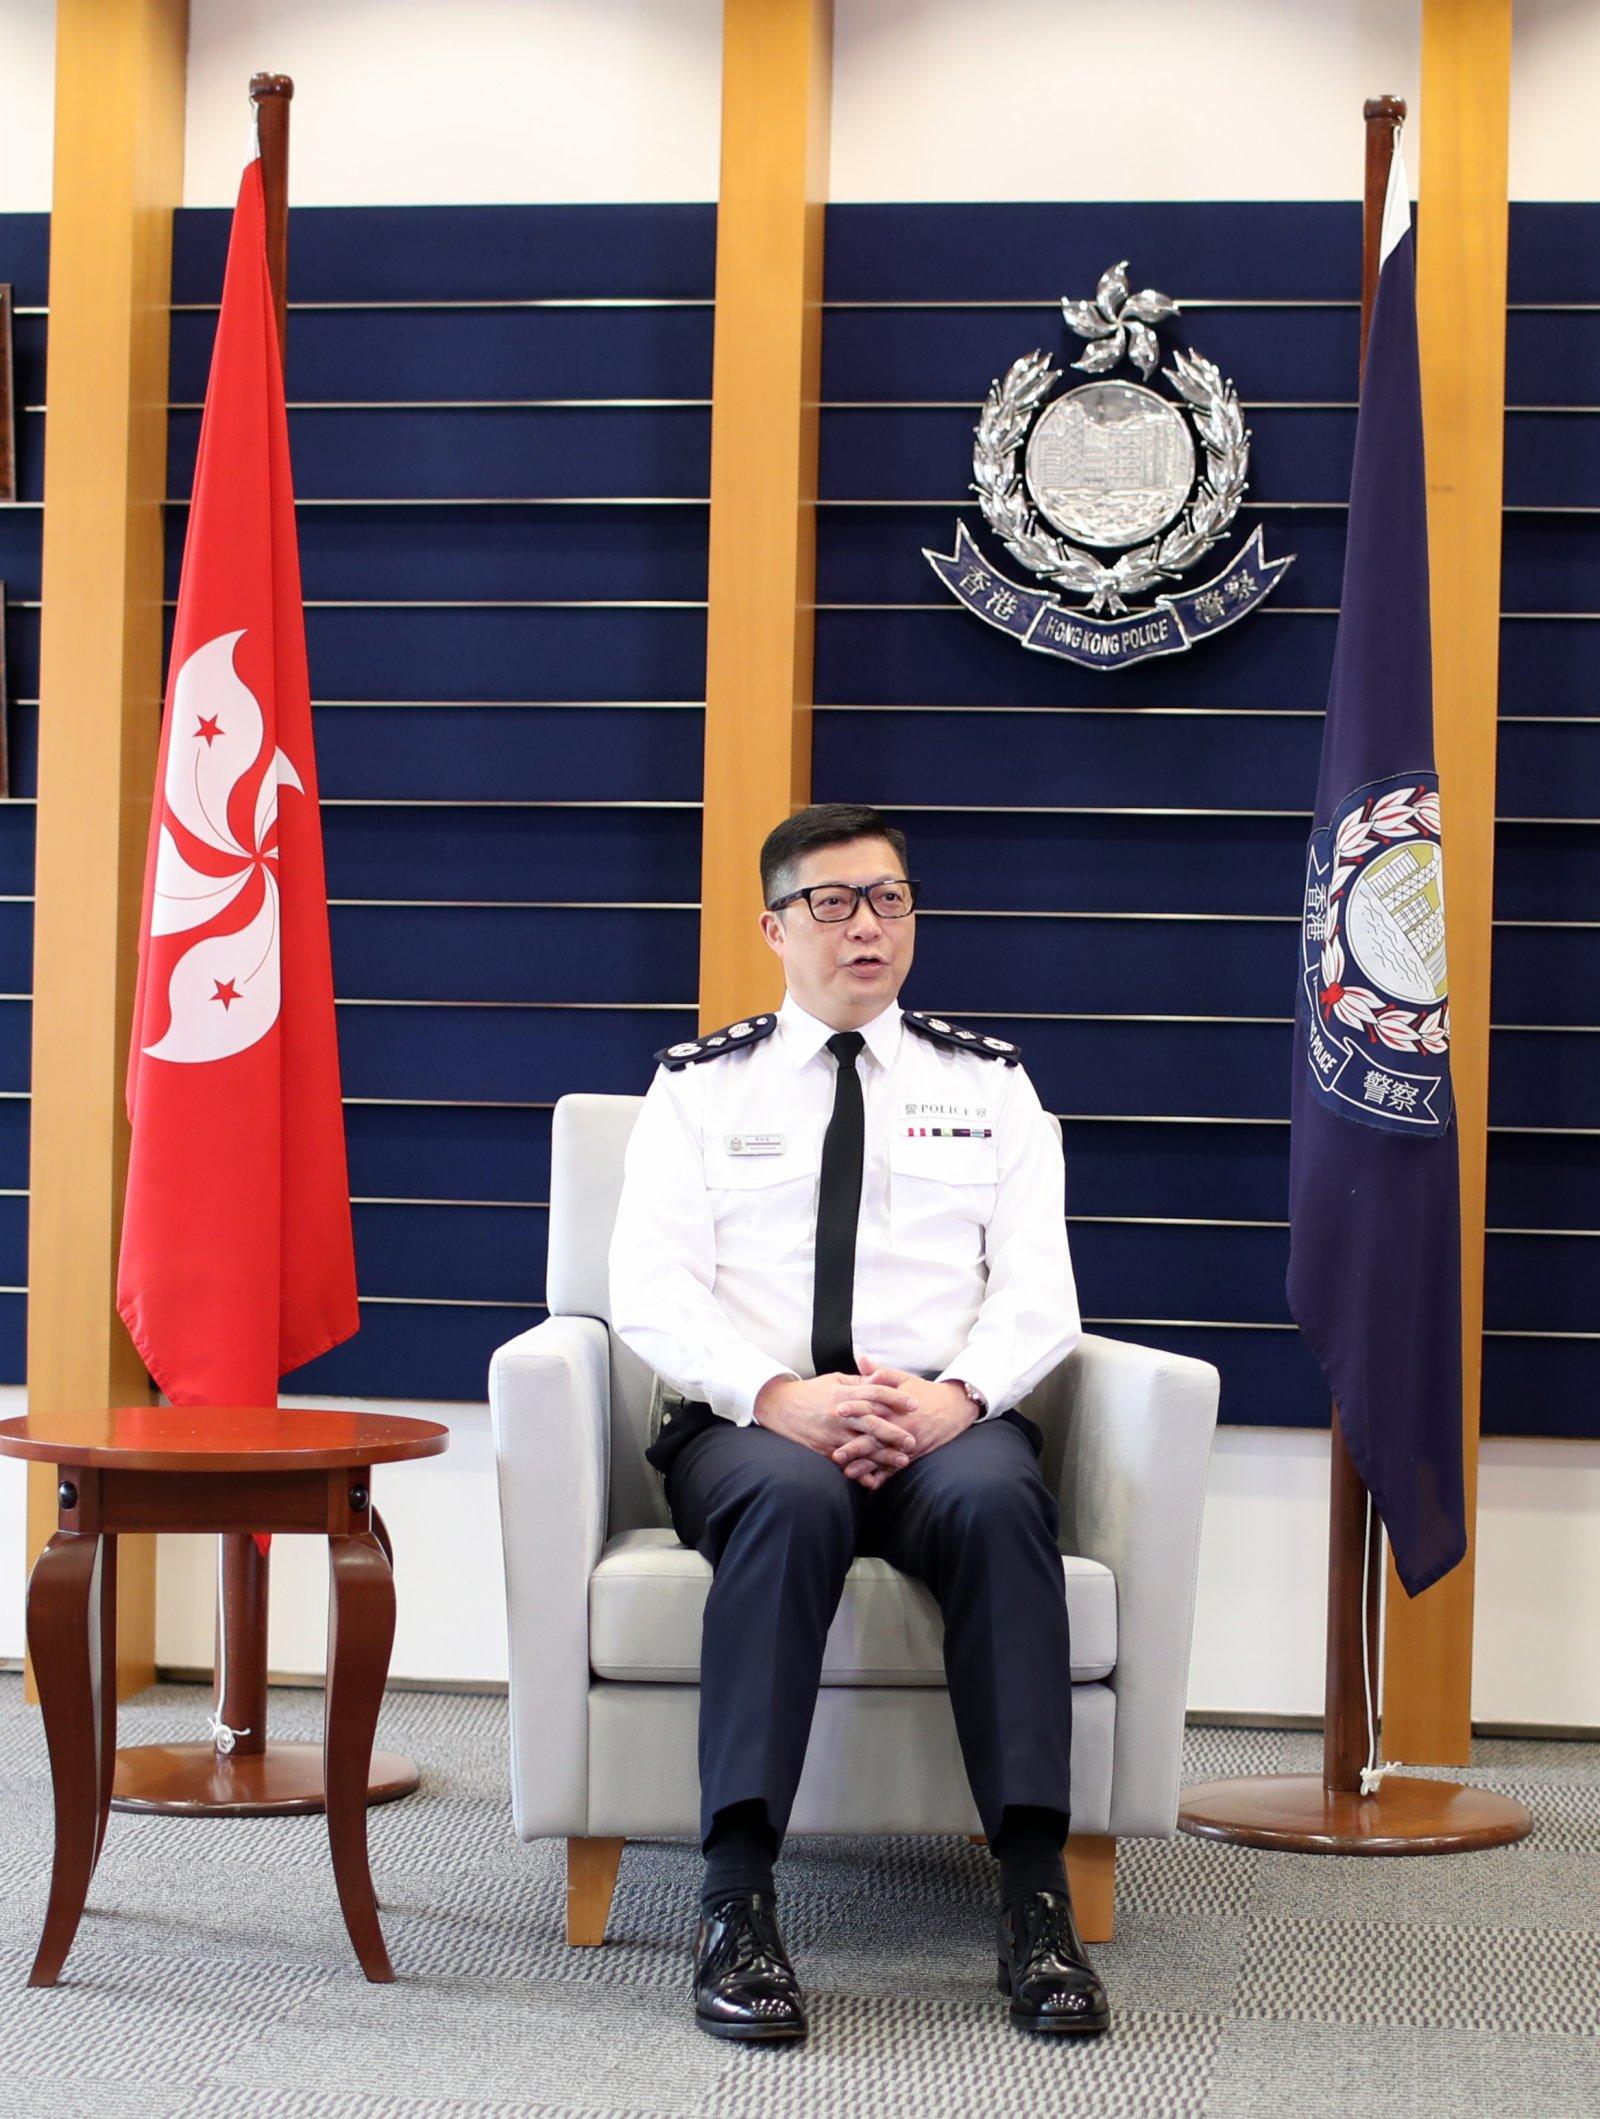 香港警務處處長鄧炳強接受採訪。(新華社)